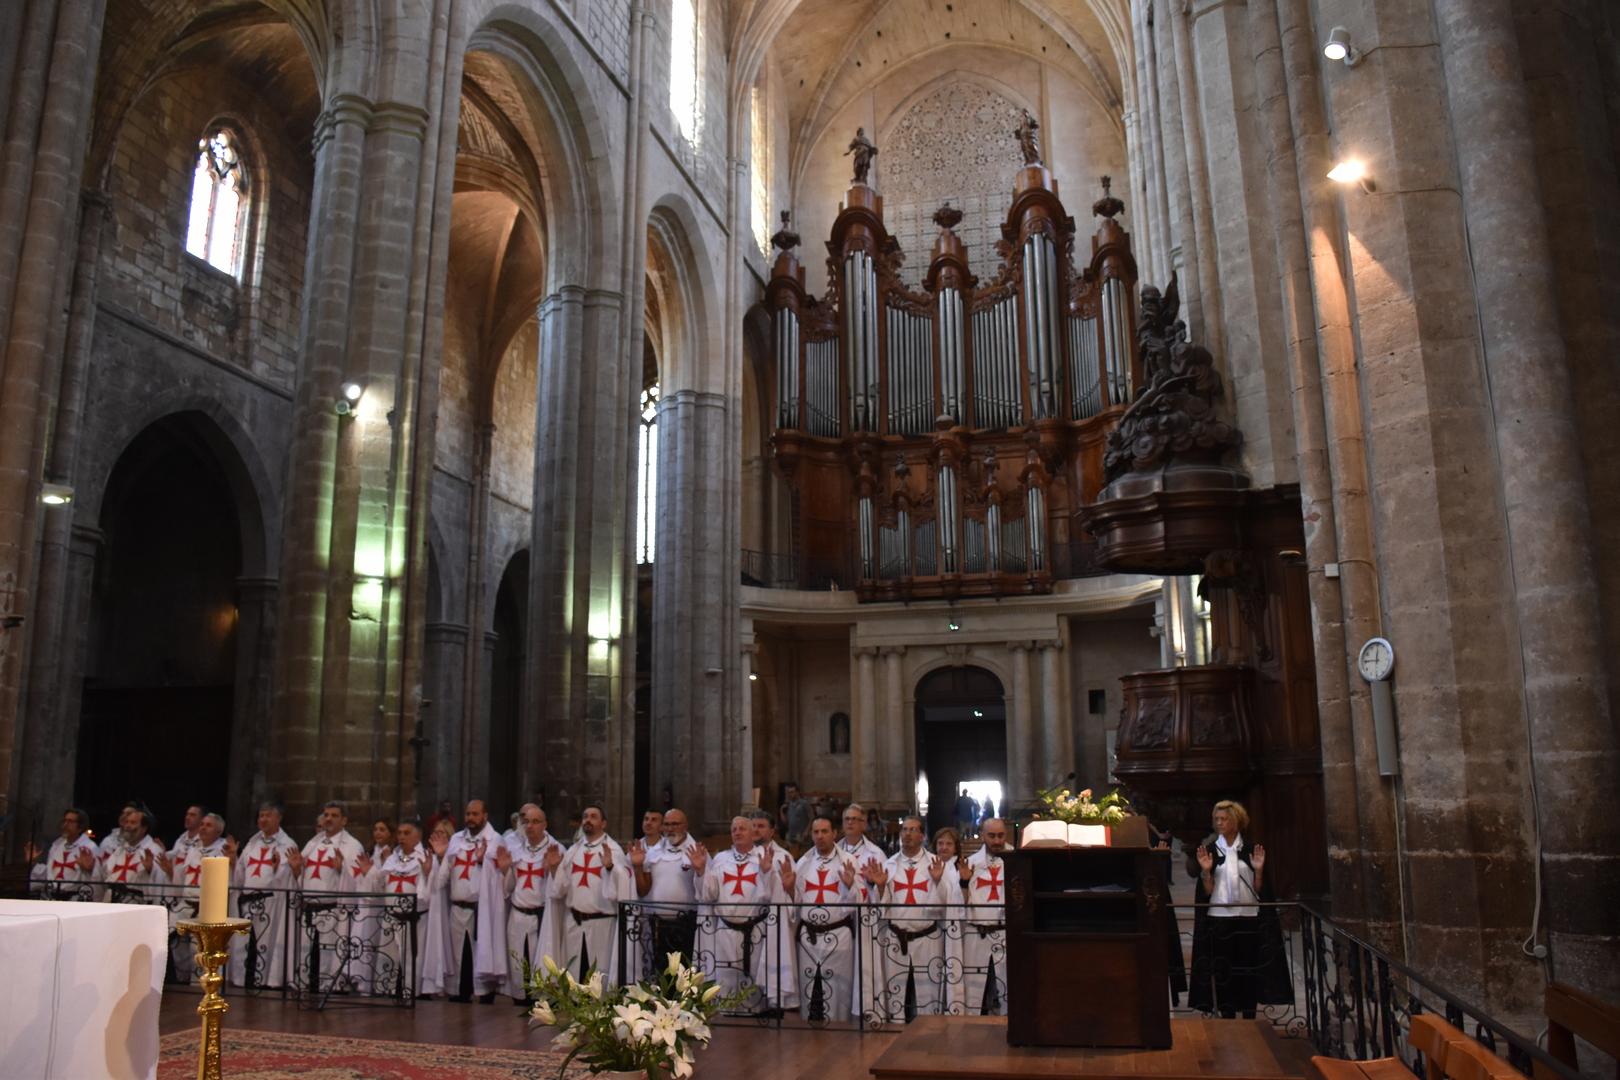 Retraite spirituelle nationale des Templiers Catholiques de France, participation à la Sainte Messe dans la Basilique de Saint-Maximin la Sainte-Baume